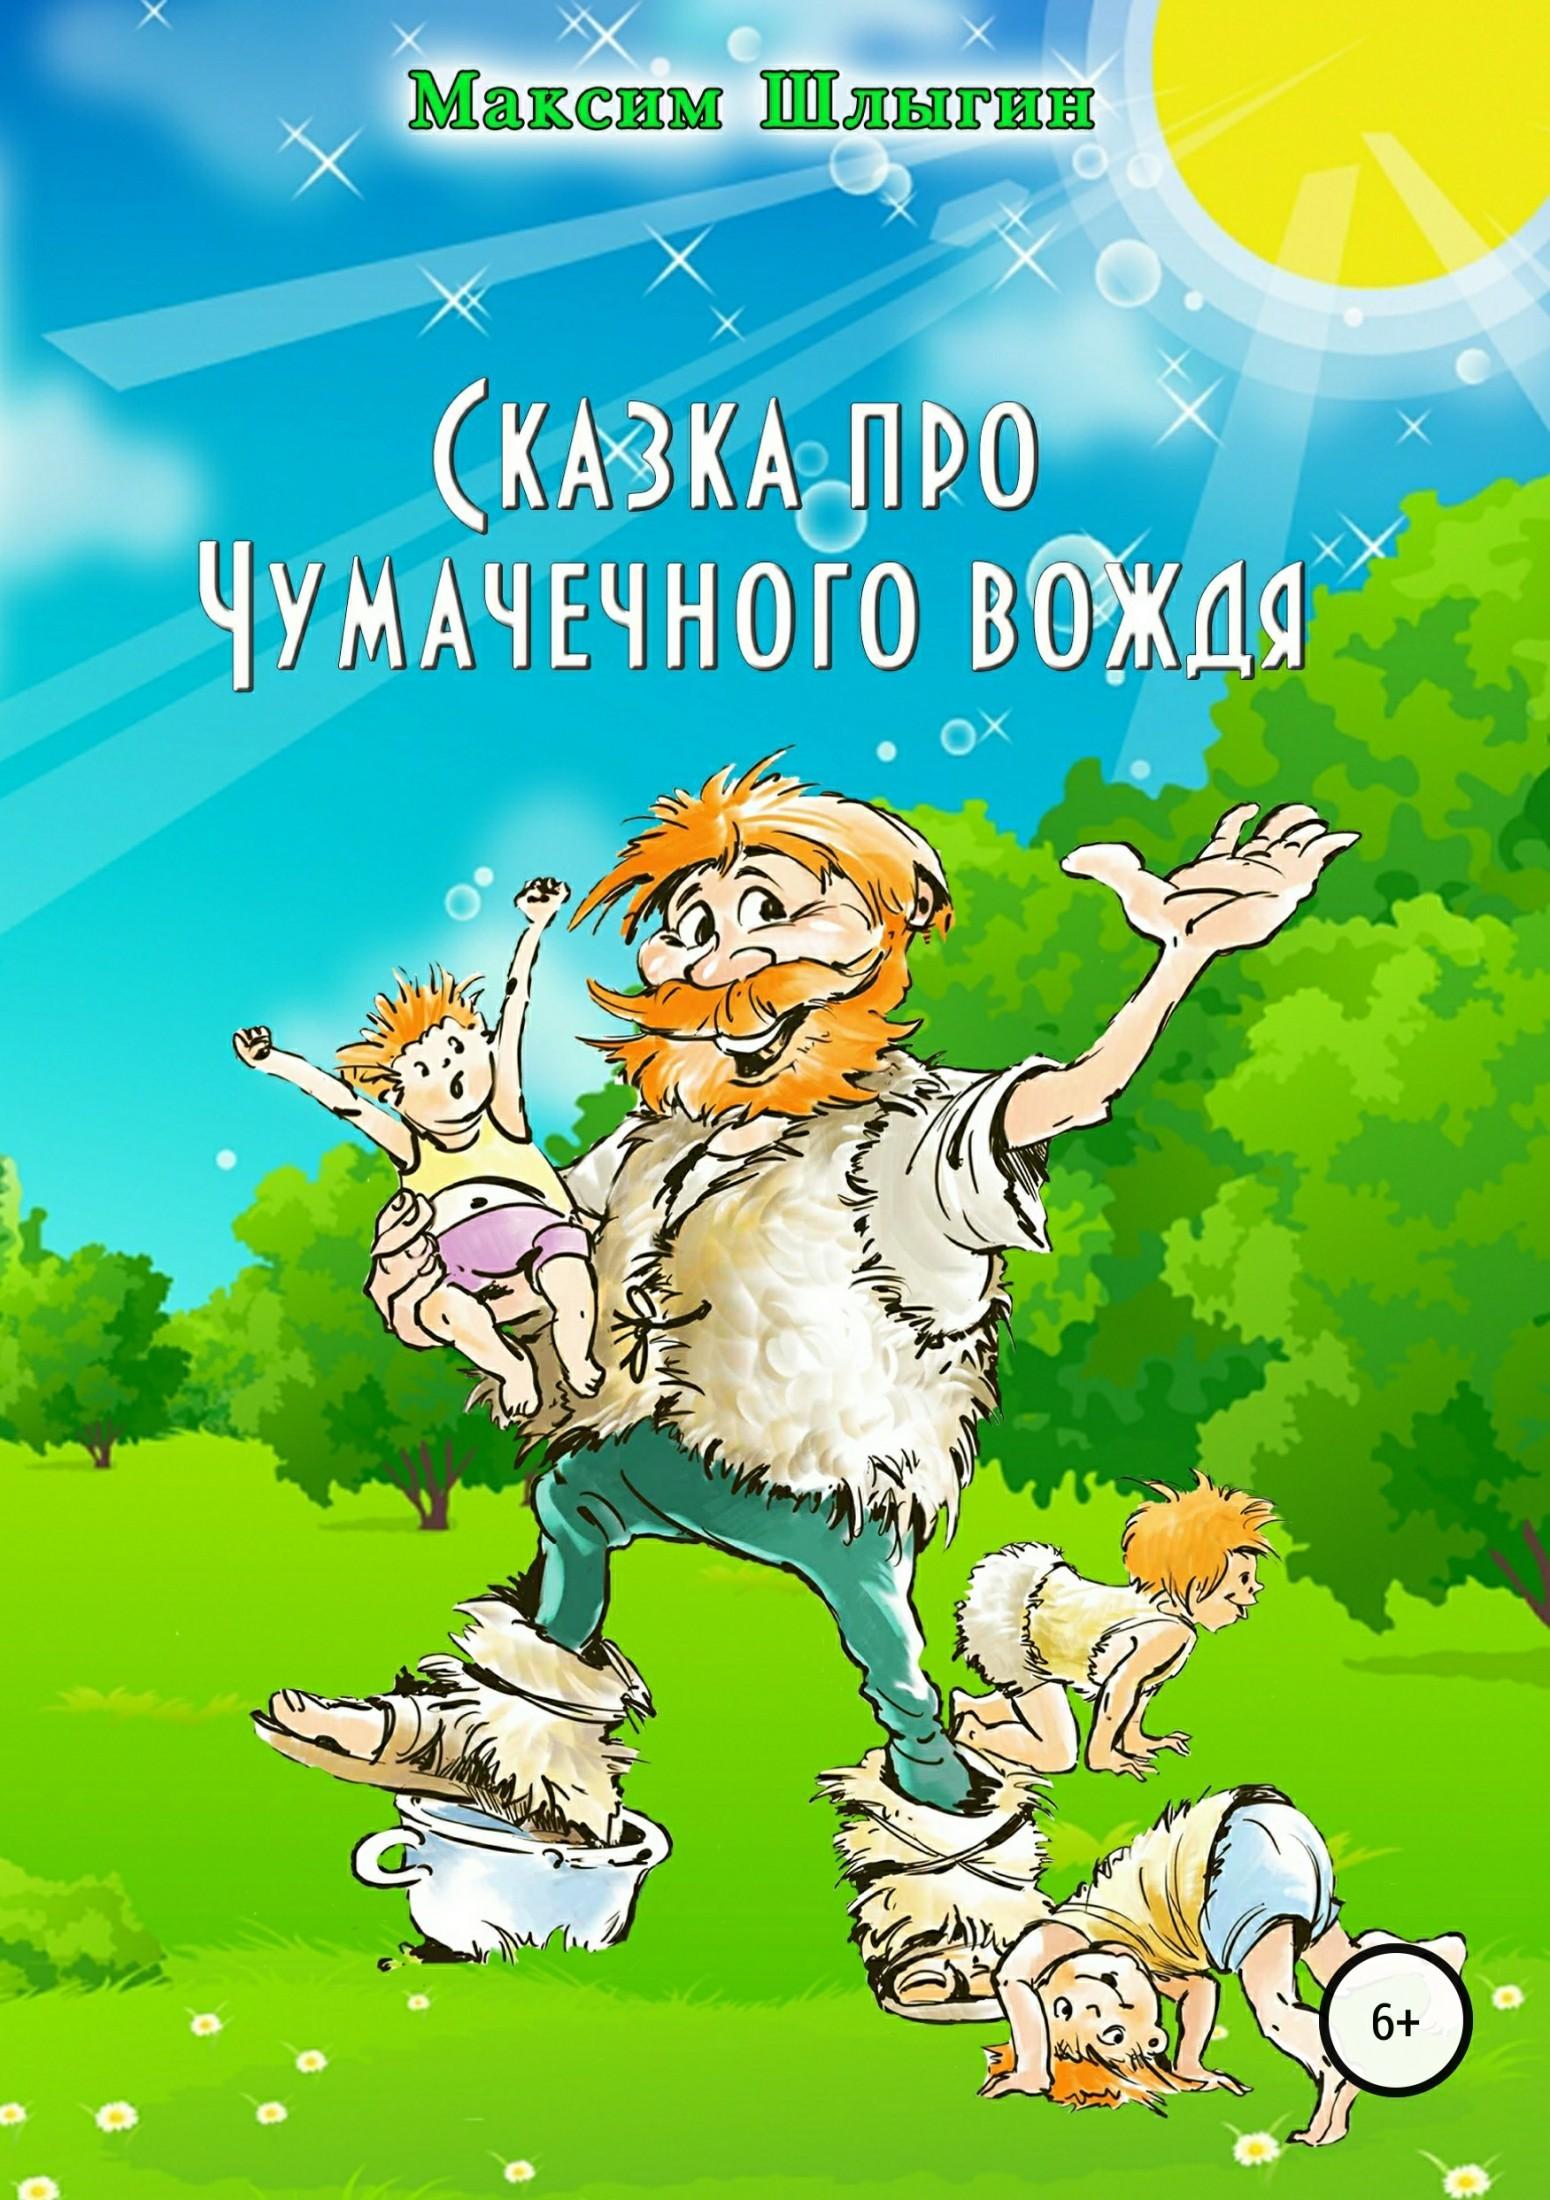 Максим Шлыгин, Артемий Волынский - Сказка про Чумачечного вождя